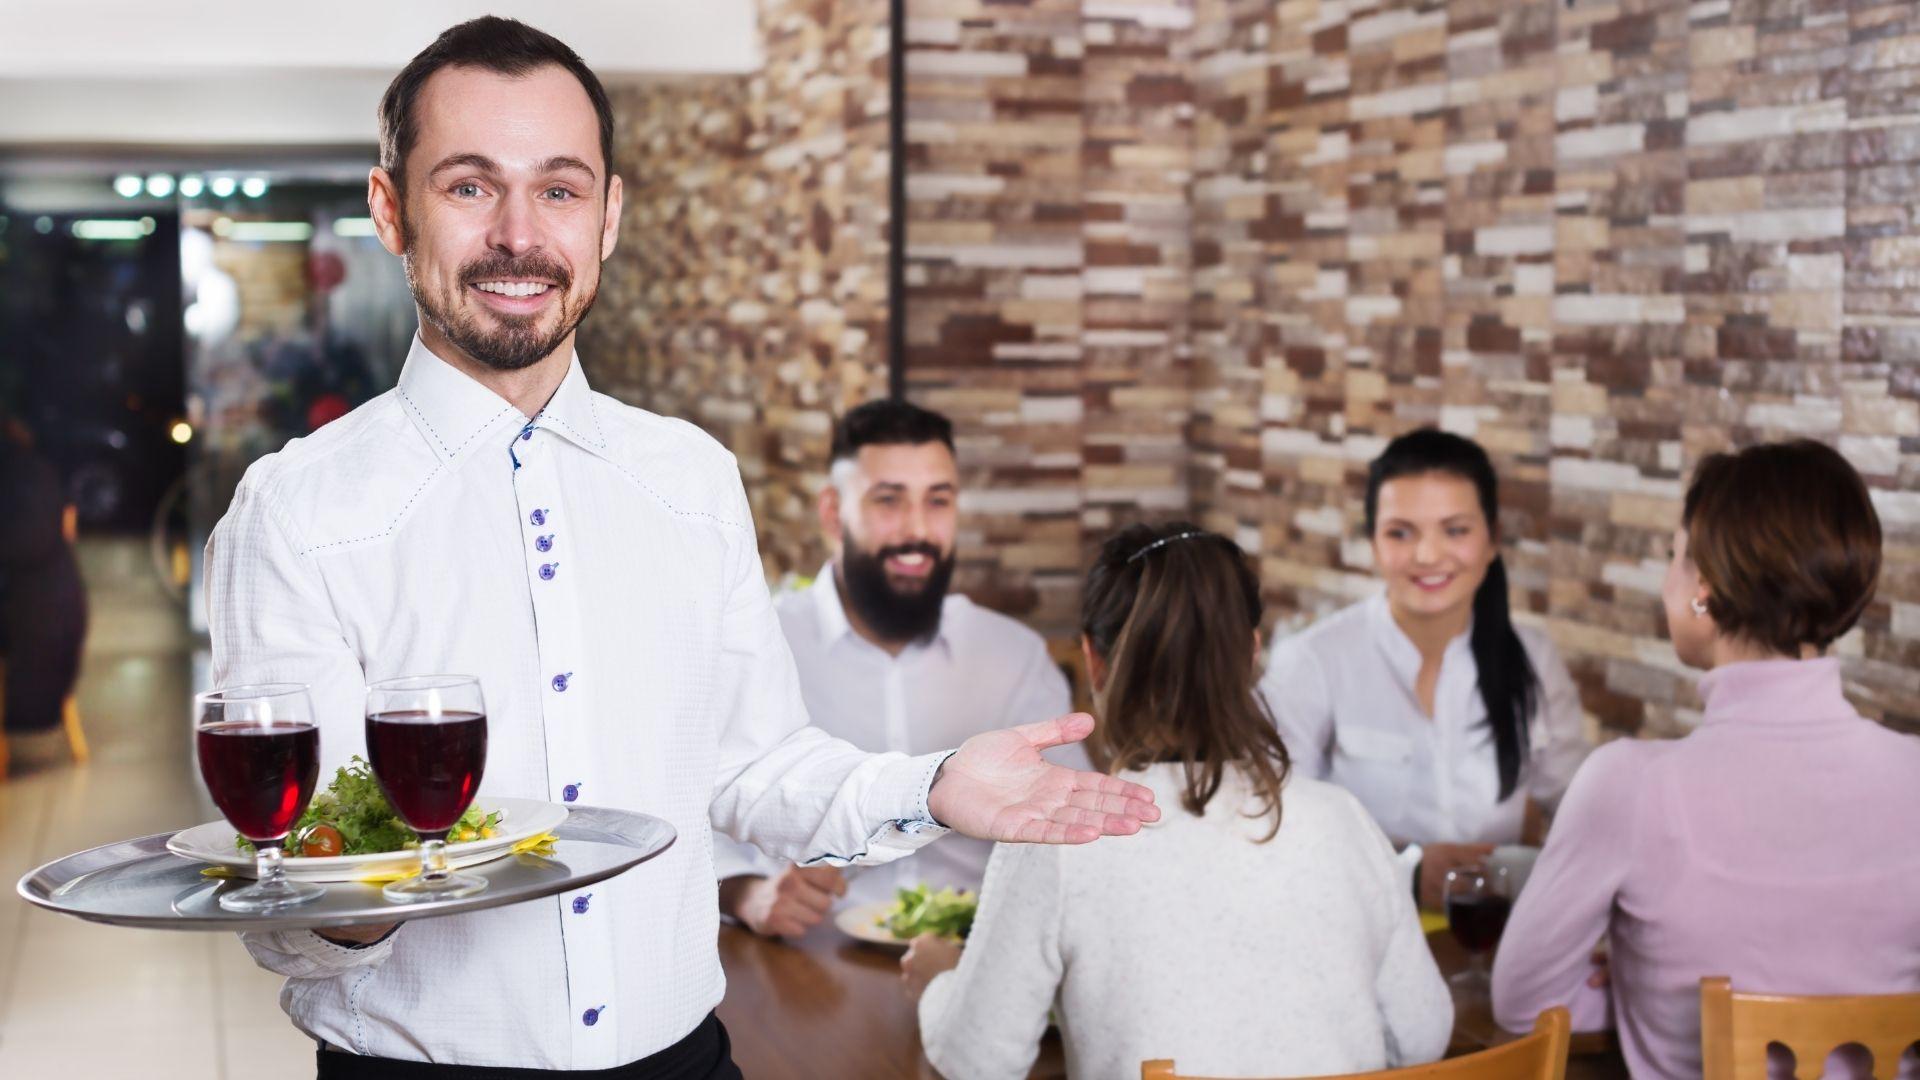 Comment purifier l'air intérieur de votre restaurant ?